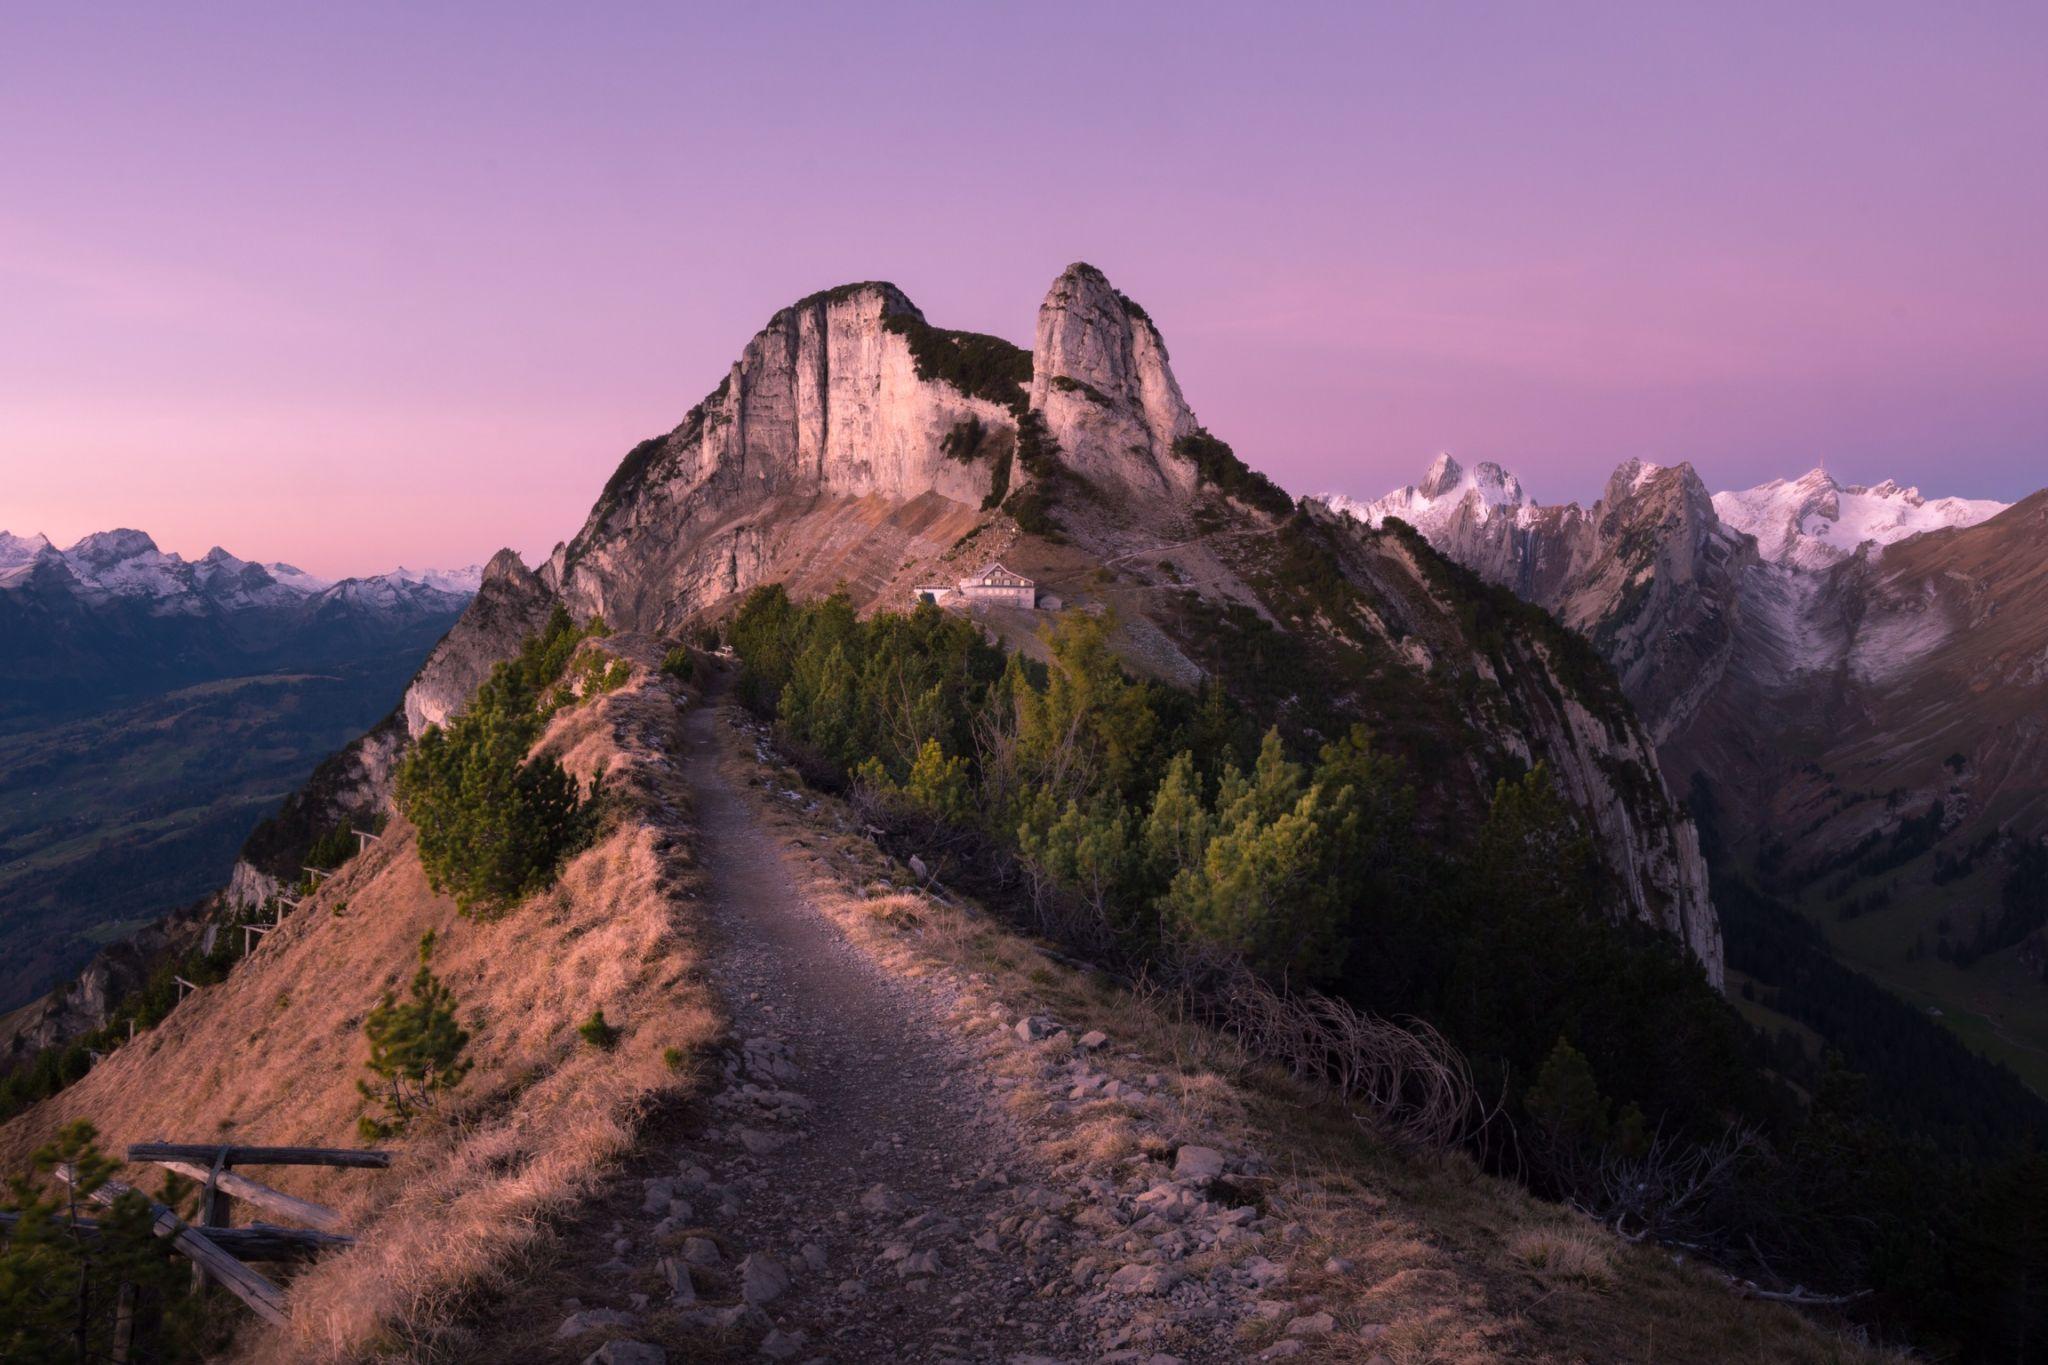 Stauberenfirst, Switzerland